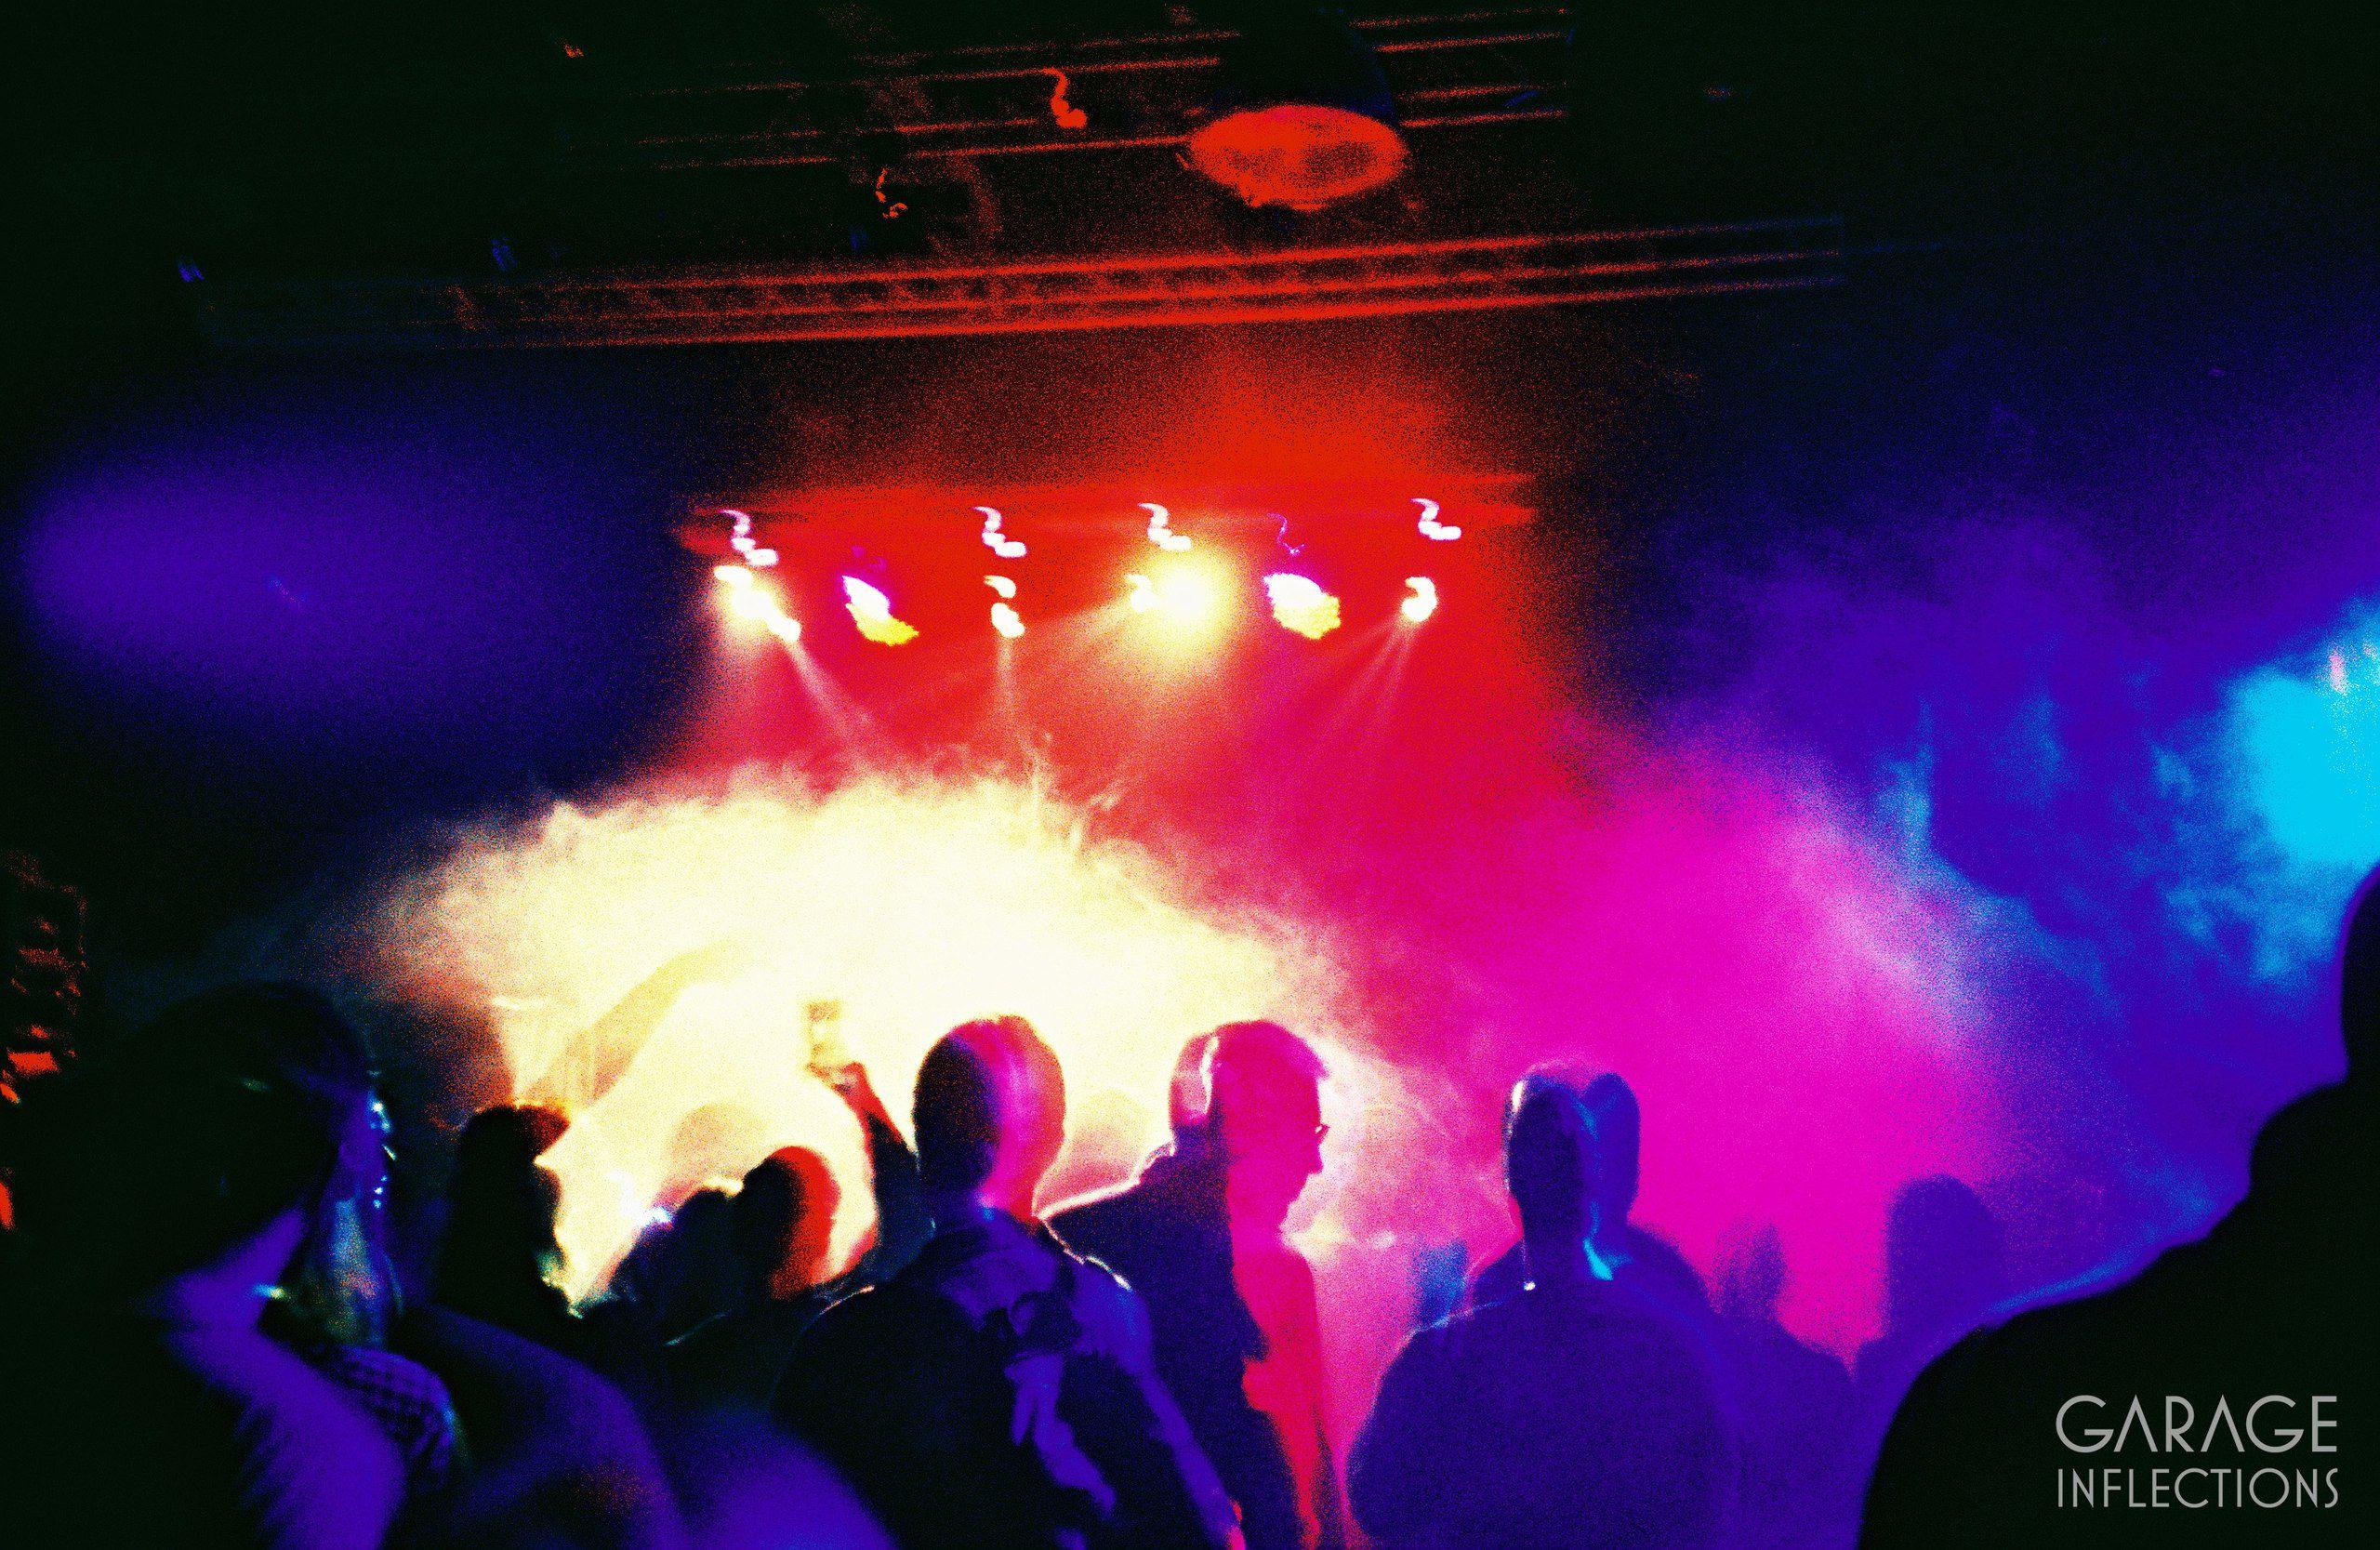 Новогодняя ночь в клубах санкт петербурга, синди доллар с тремя